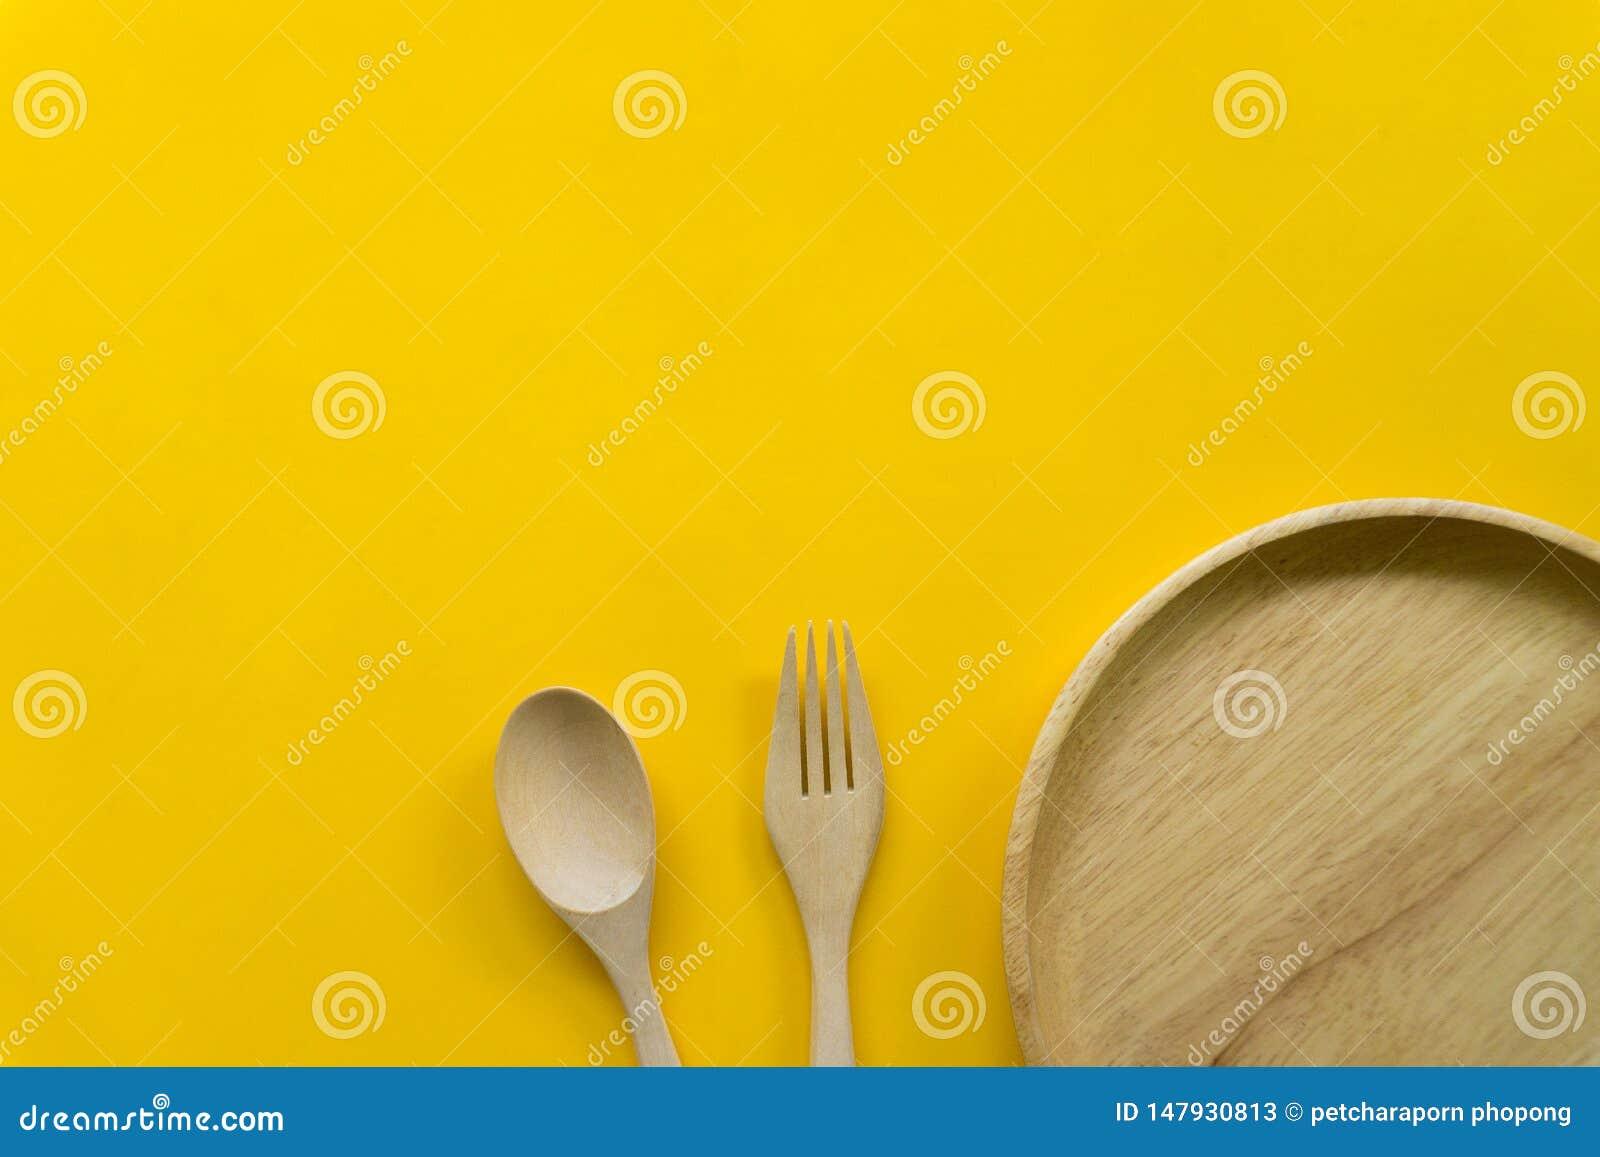 Sistema del artículos de cocina de la cuchara de madera y de la bifurcación de madera aisladas con el fondo amarillo